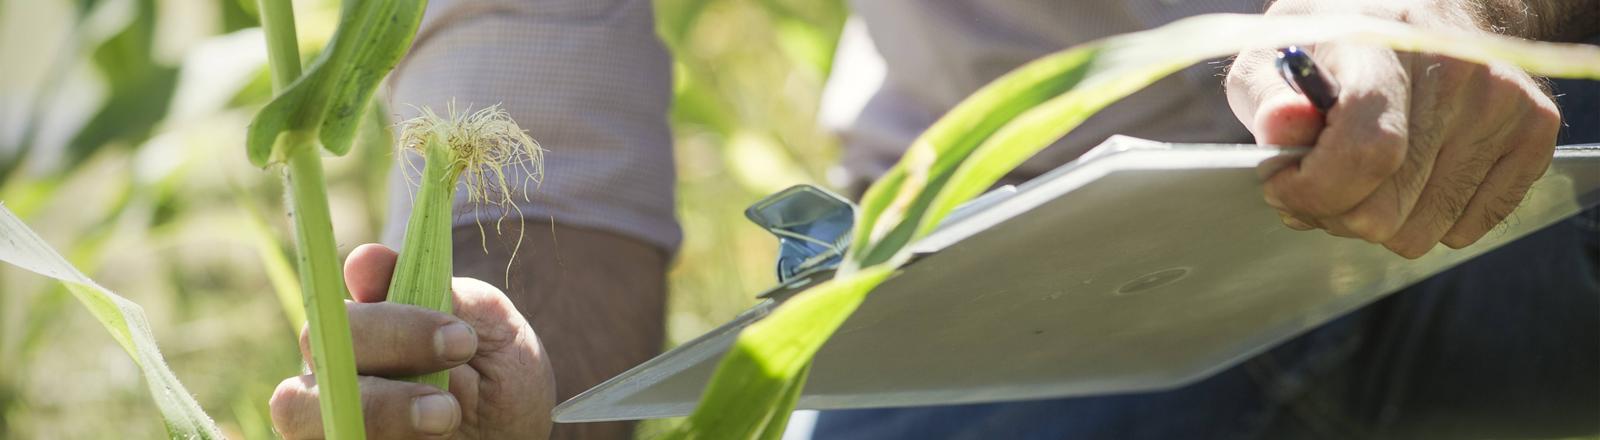 Ein Mann steht mit einem Klemmbrett in einem Maisfeld und untersucht eine Pflanze